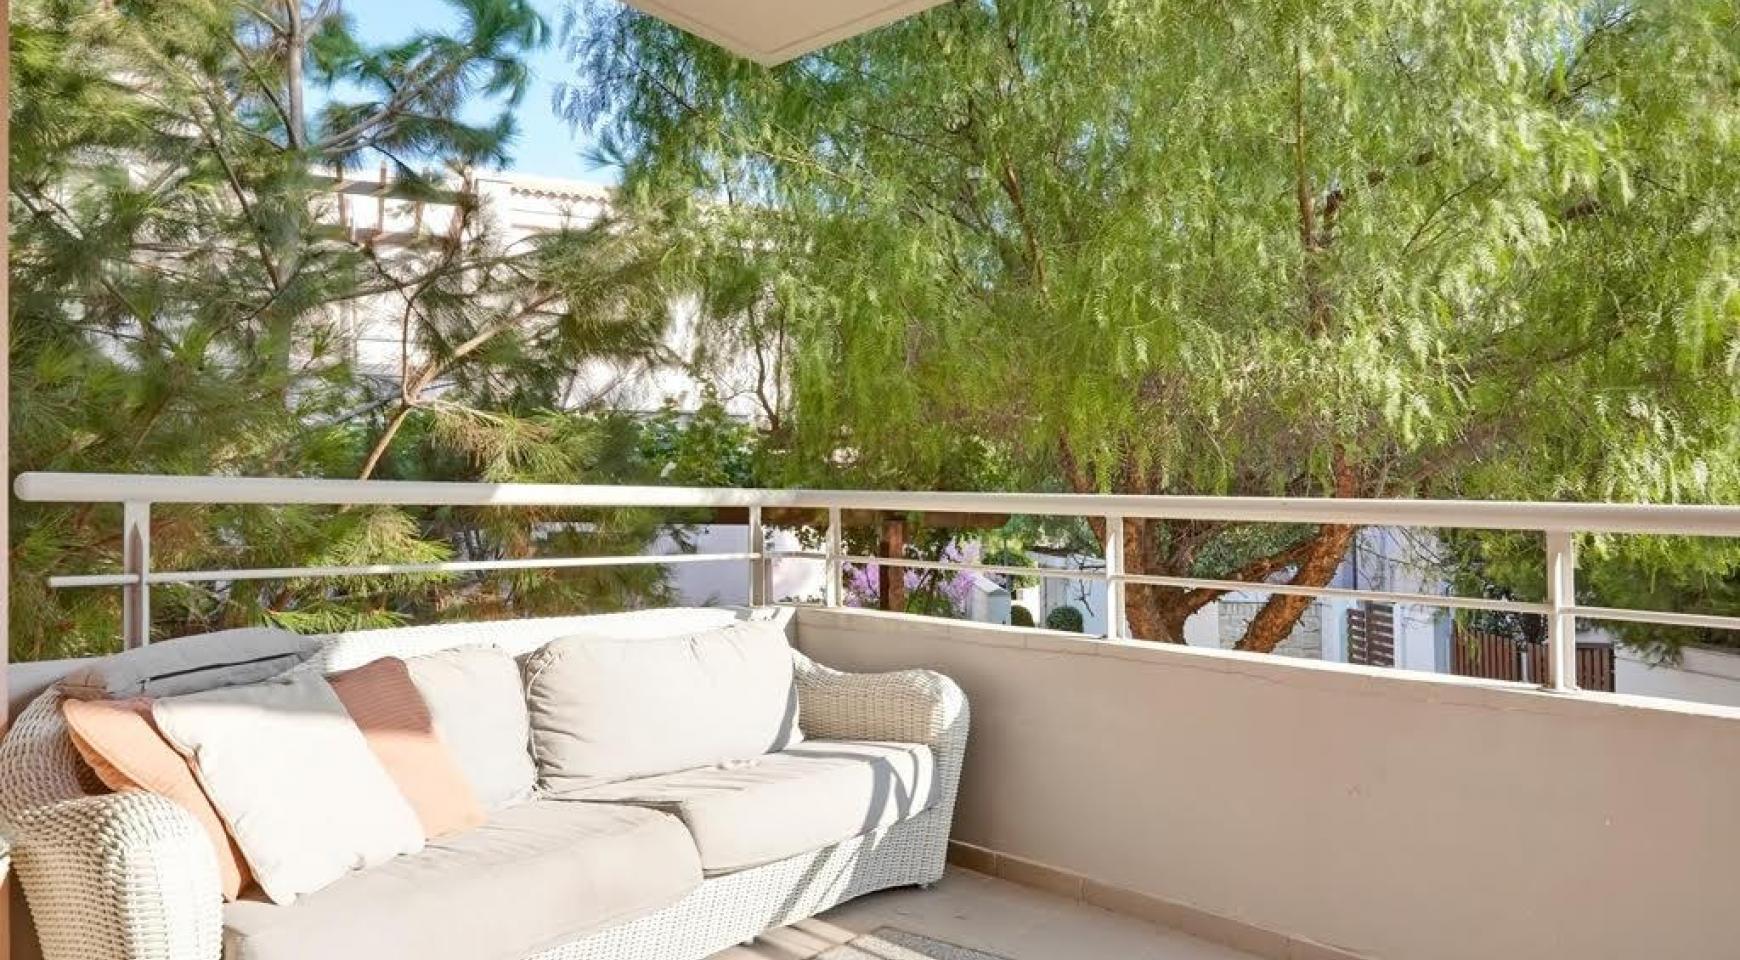 Luxury 2 Bedroom Apartment Amathusa F 104 near the Beach - 13